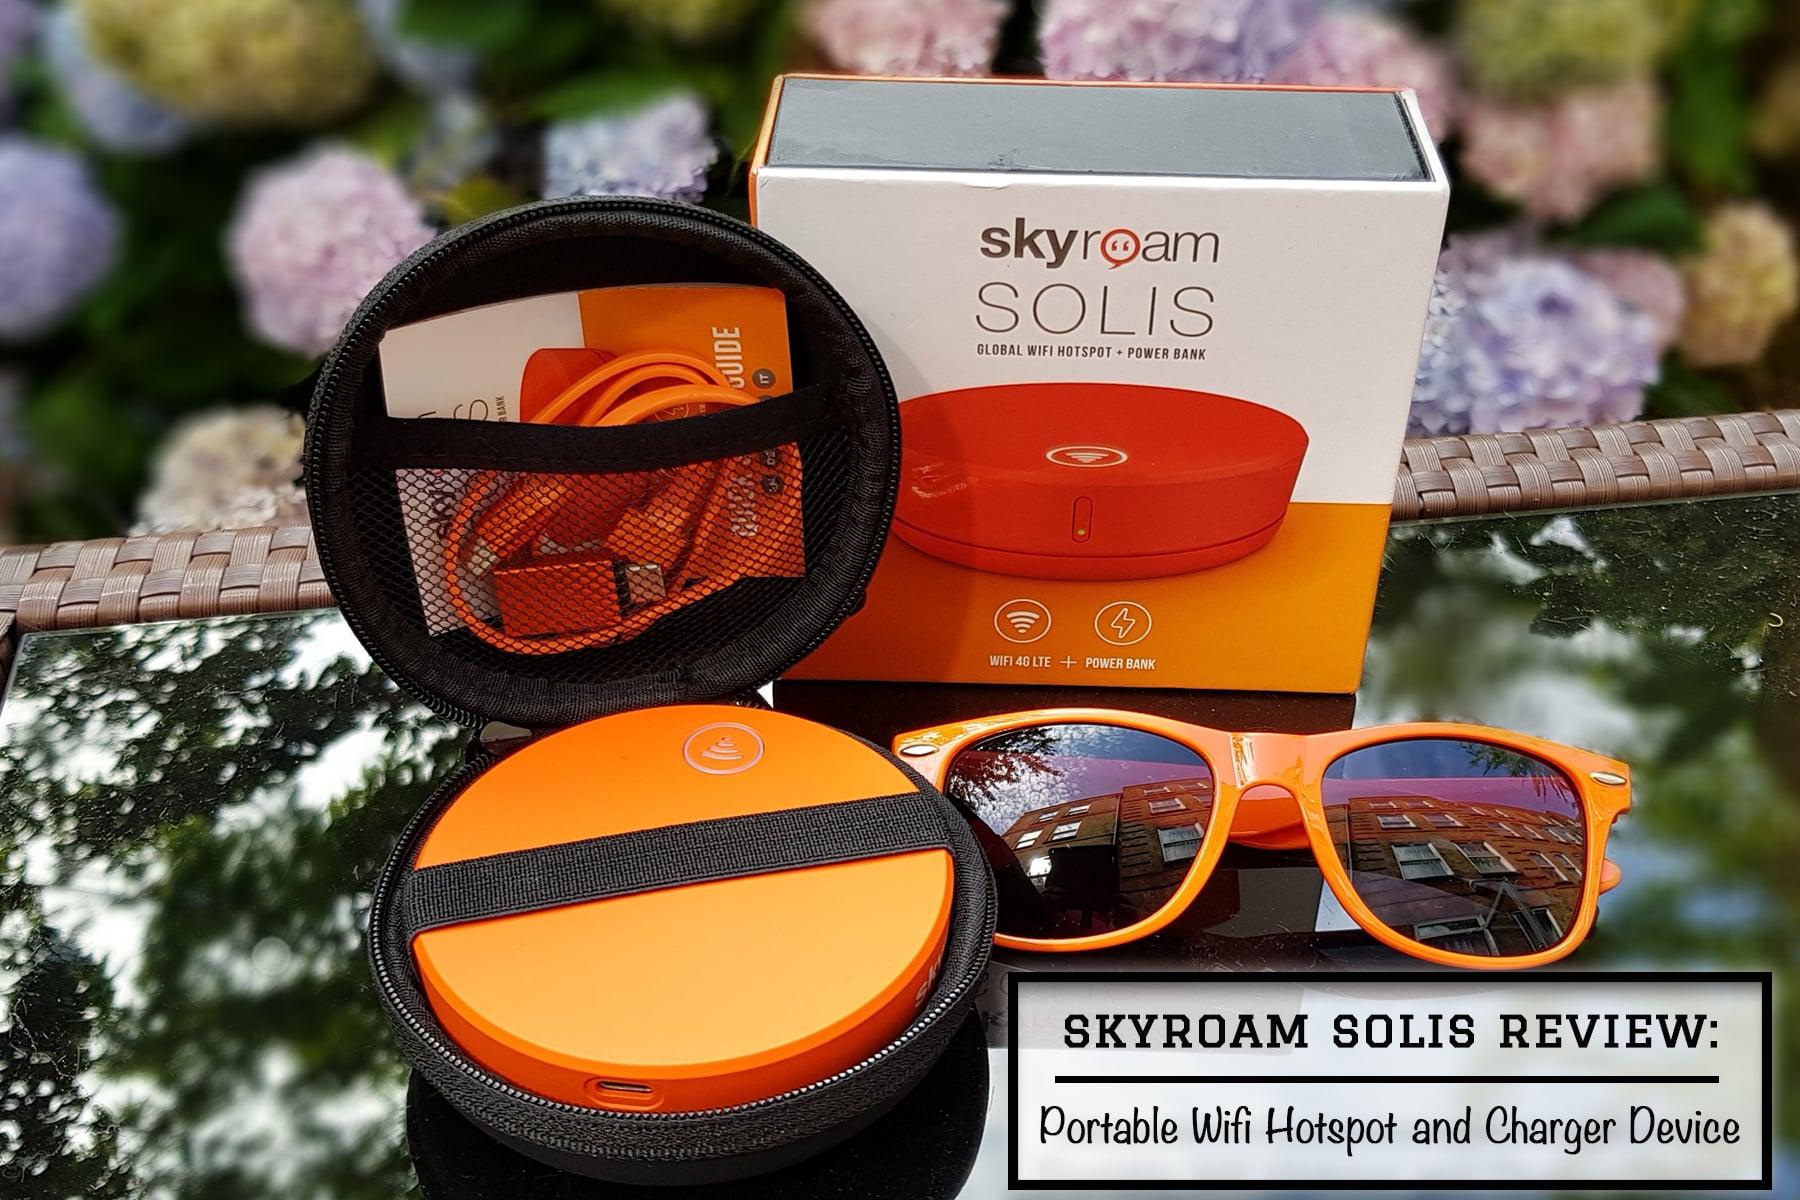 SKYROAM SOLIS REVIEW - ONE EPIC ROAD TRIP BLOG